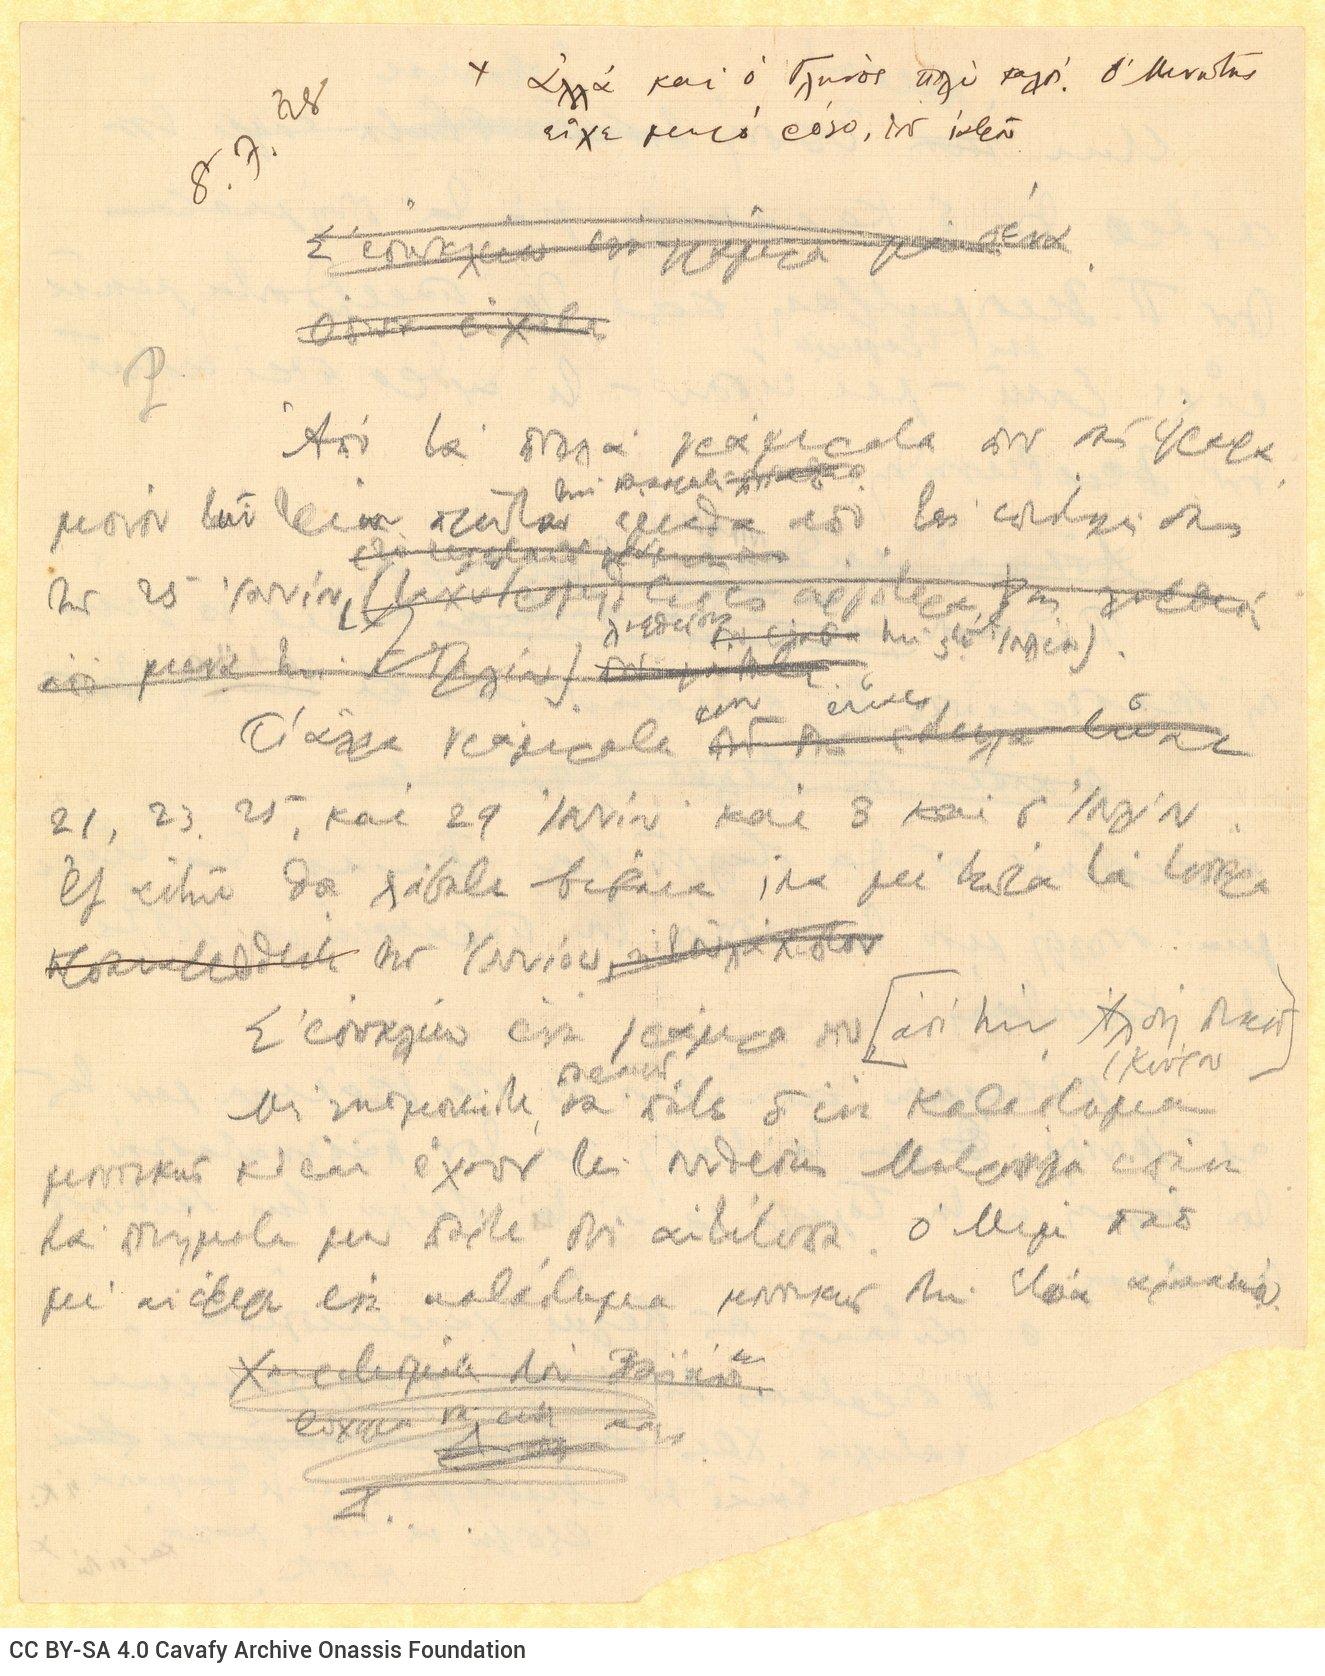 Χειρόγραφο σχέδιο επιστολής του Καβάφη προς τη Ρ[ίκα Σεγκοπούλου] στ